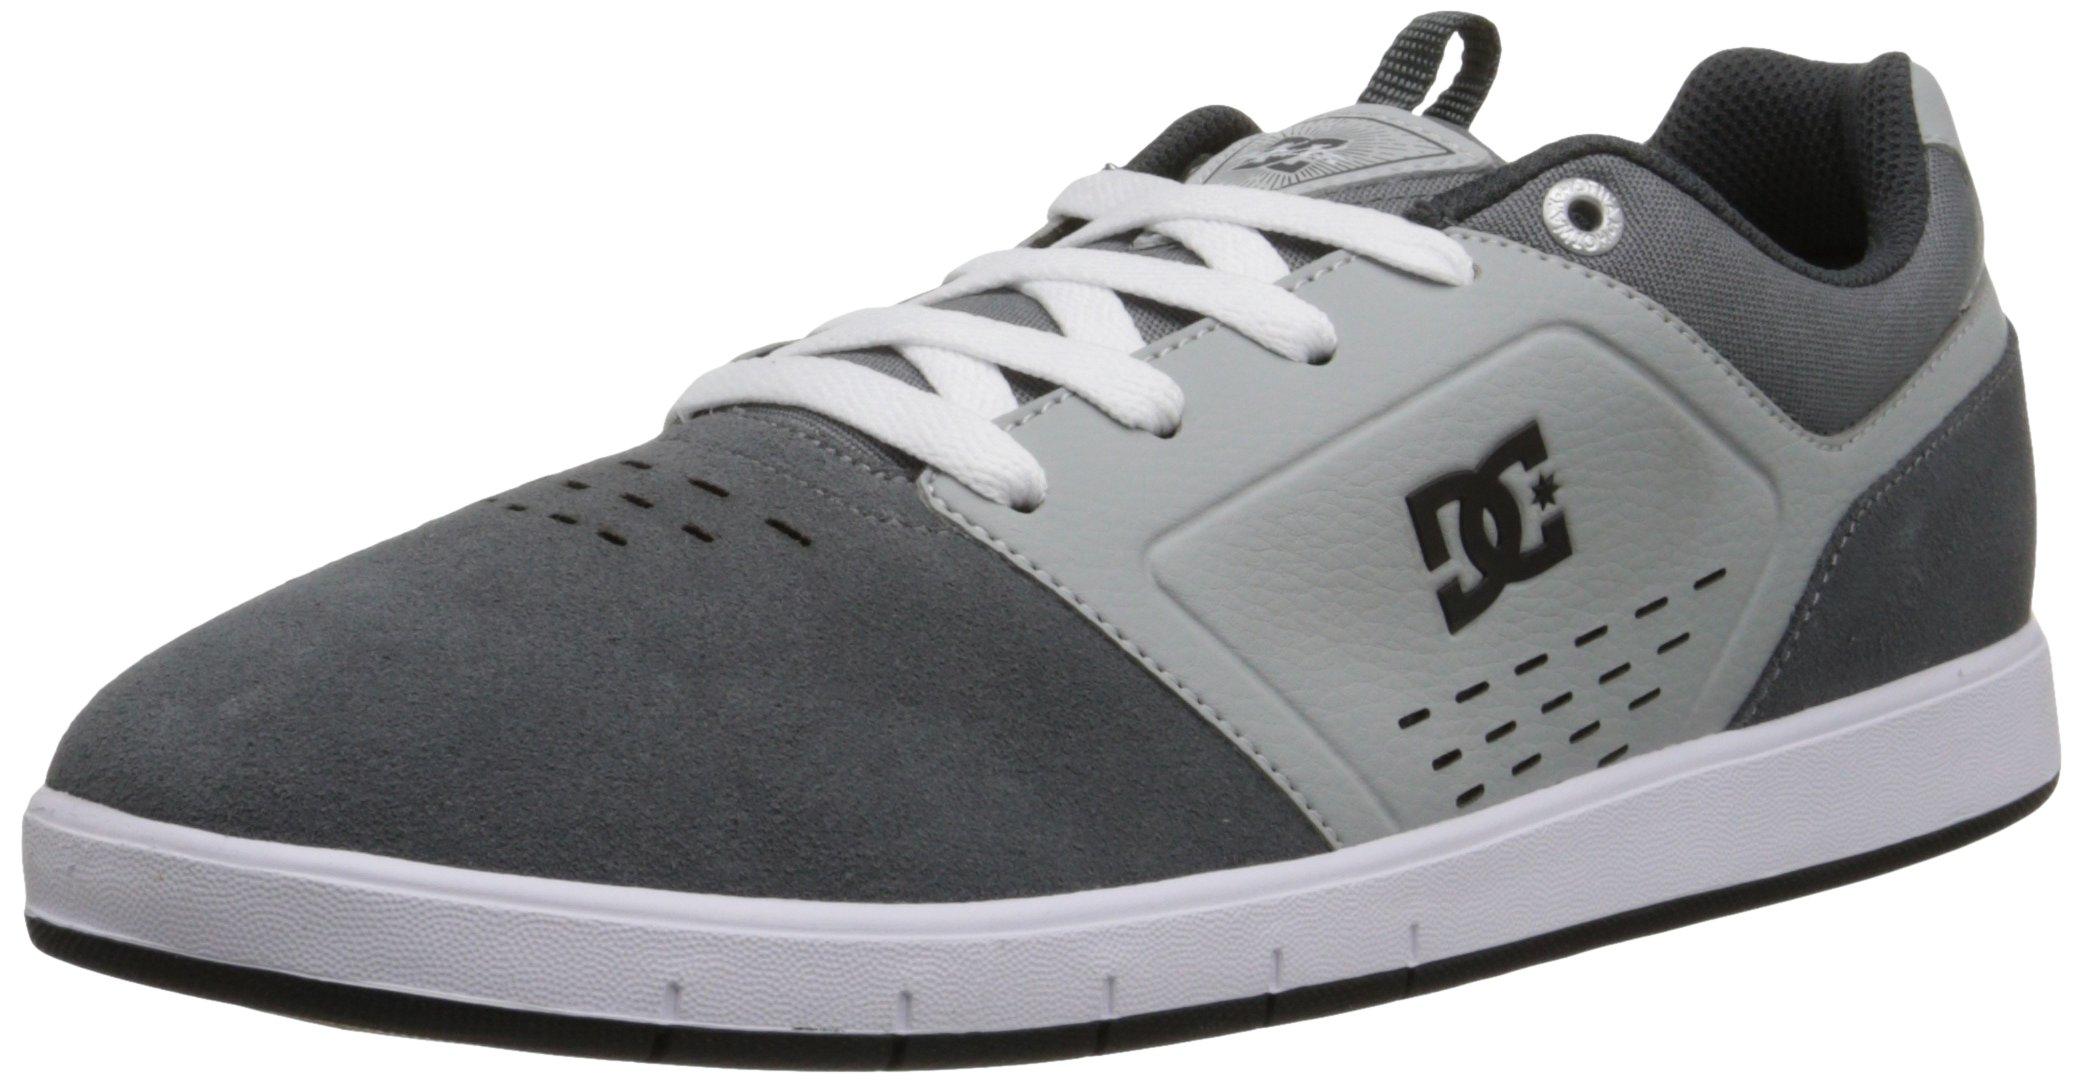 DC Men's Cole Signature Skate Shoe, Grey, 7.5 M US